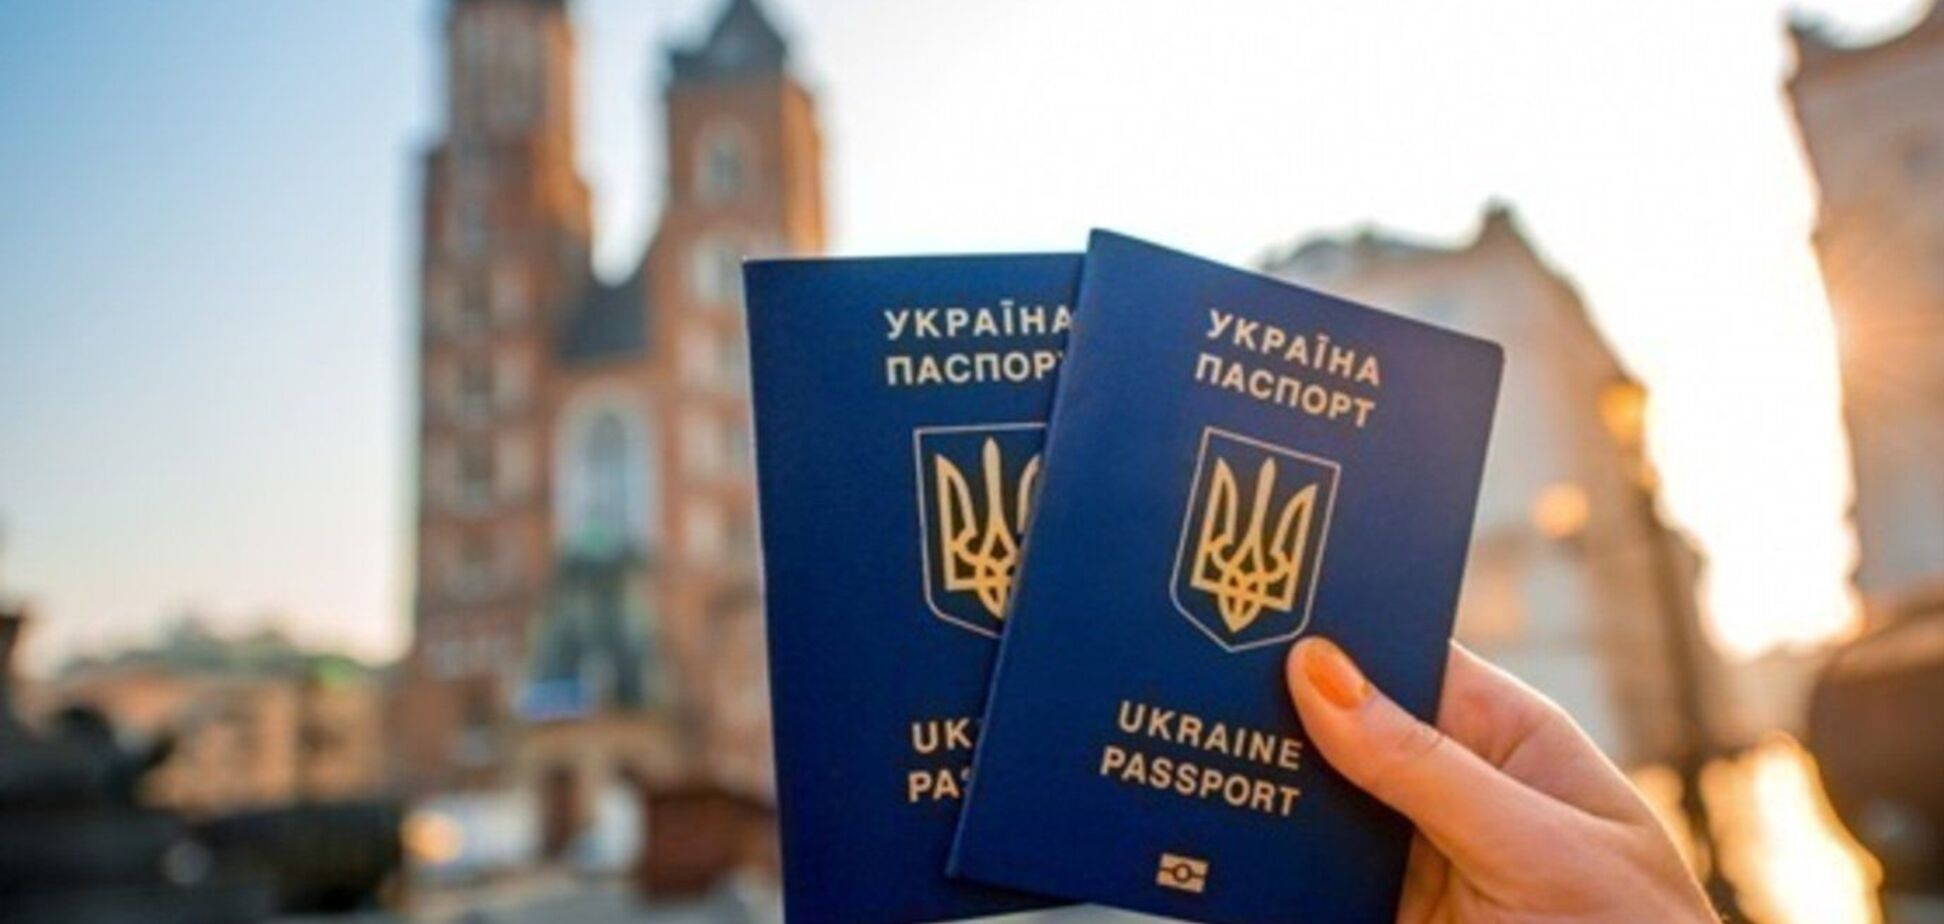 Робота в Україні й за кордоном: які вакансії мають попит